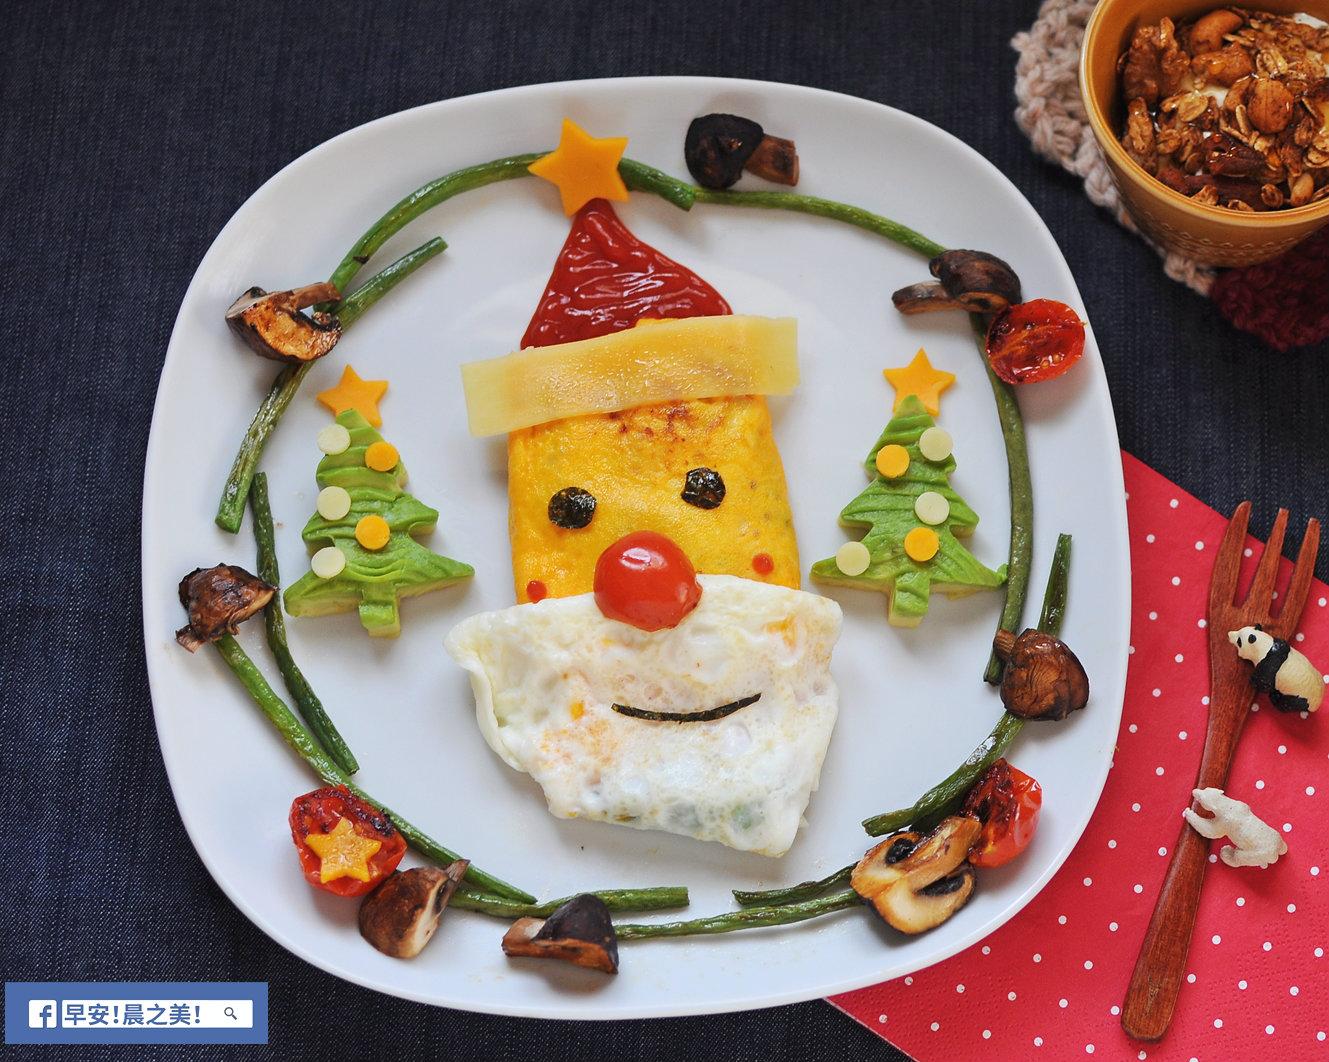 可愛又美味!聖誕老人蛋捲